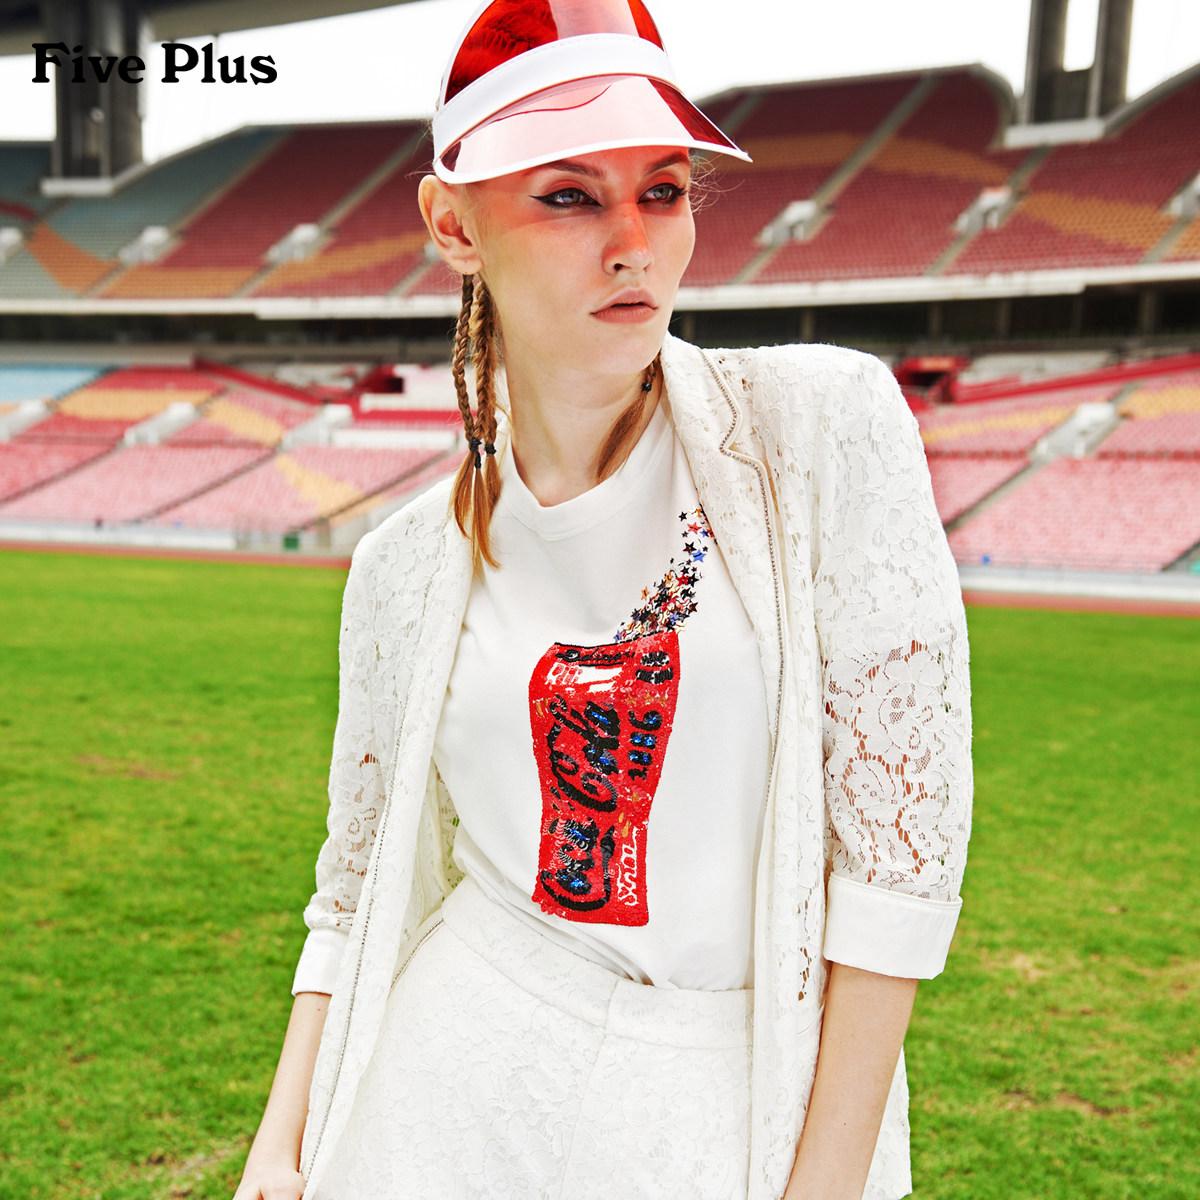 Five Plus2018新品女夏装蕾丝西装薄款外套女宽松中长款刺绣开叉